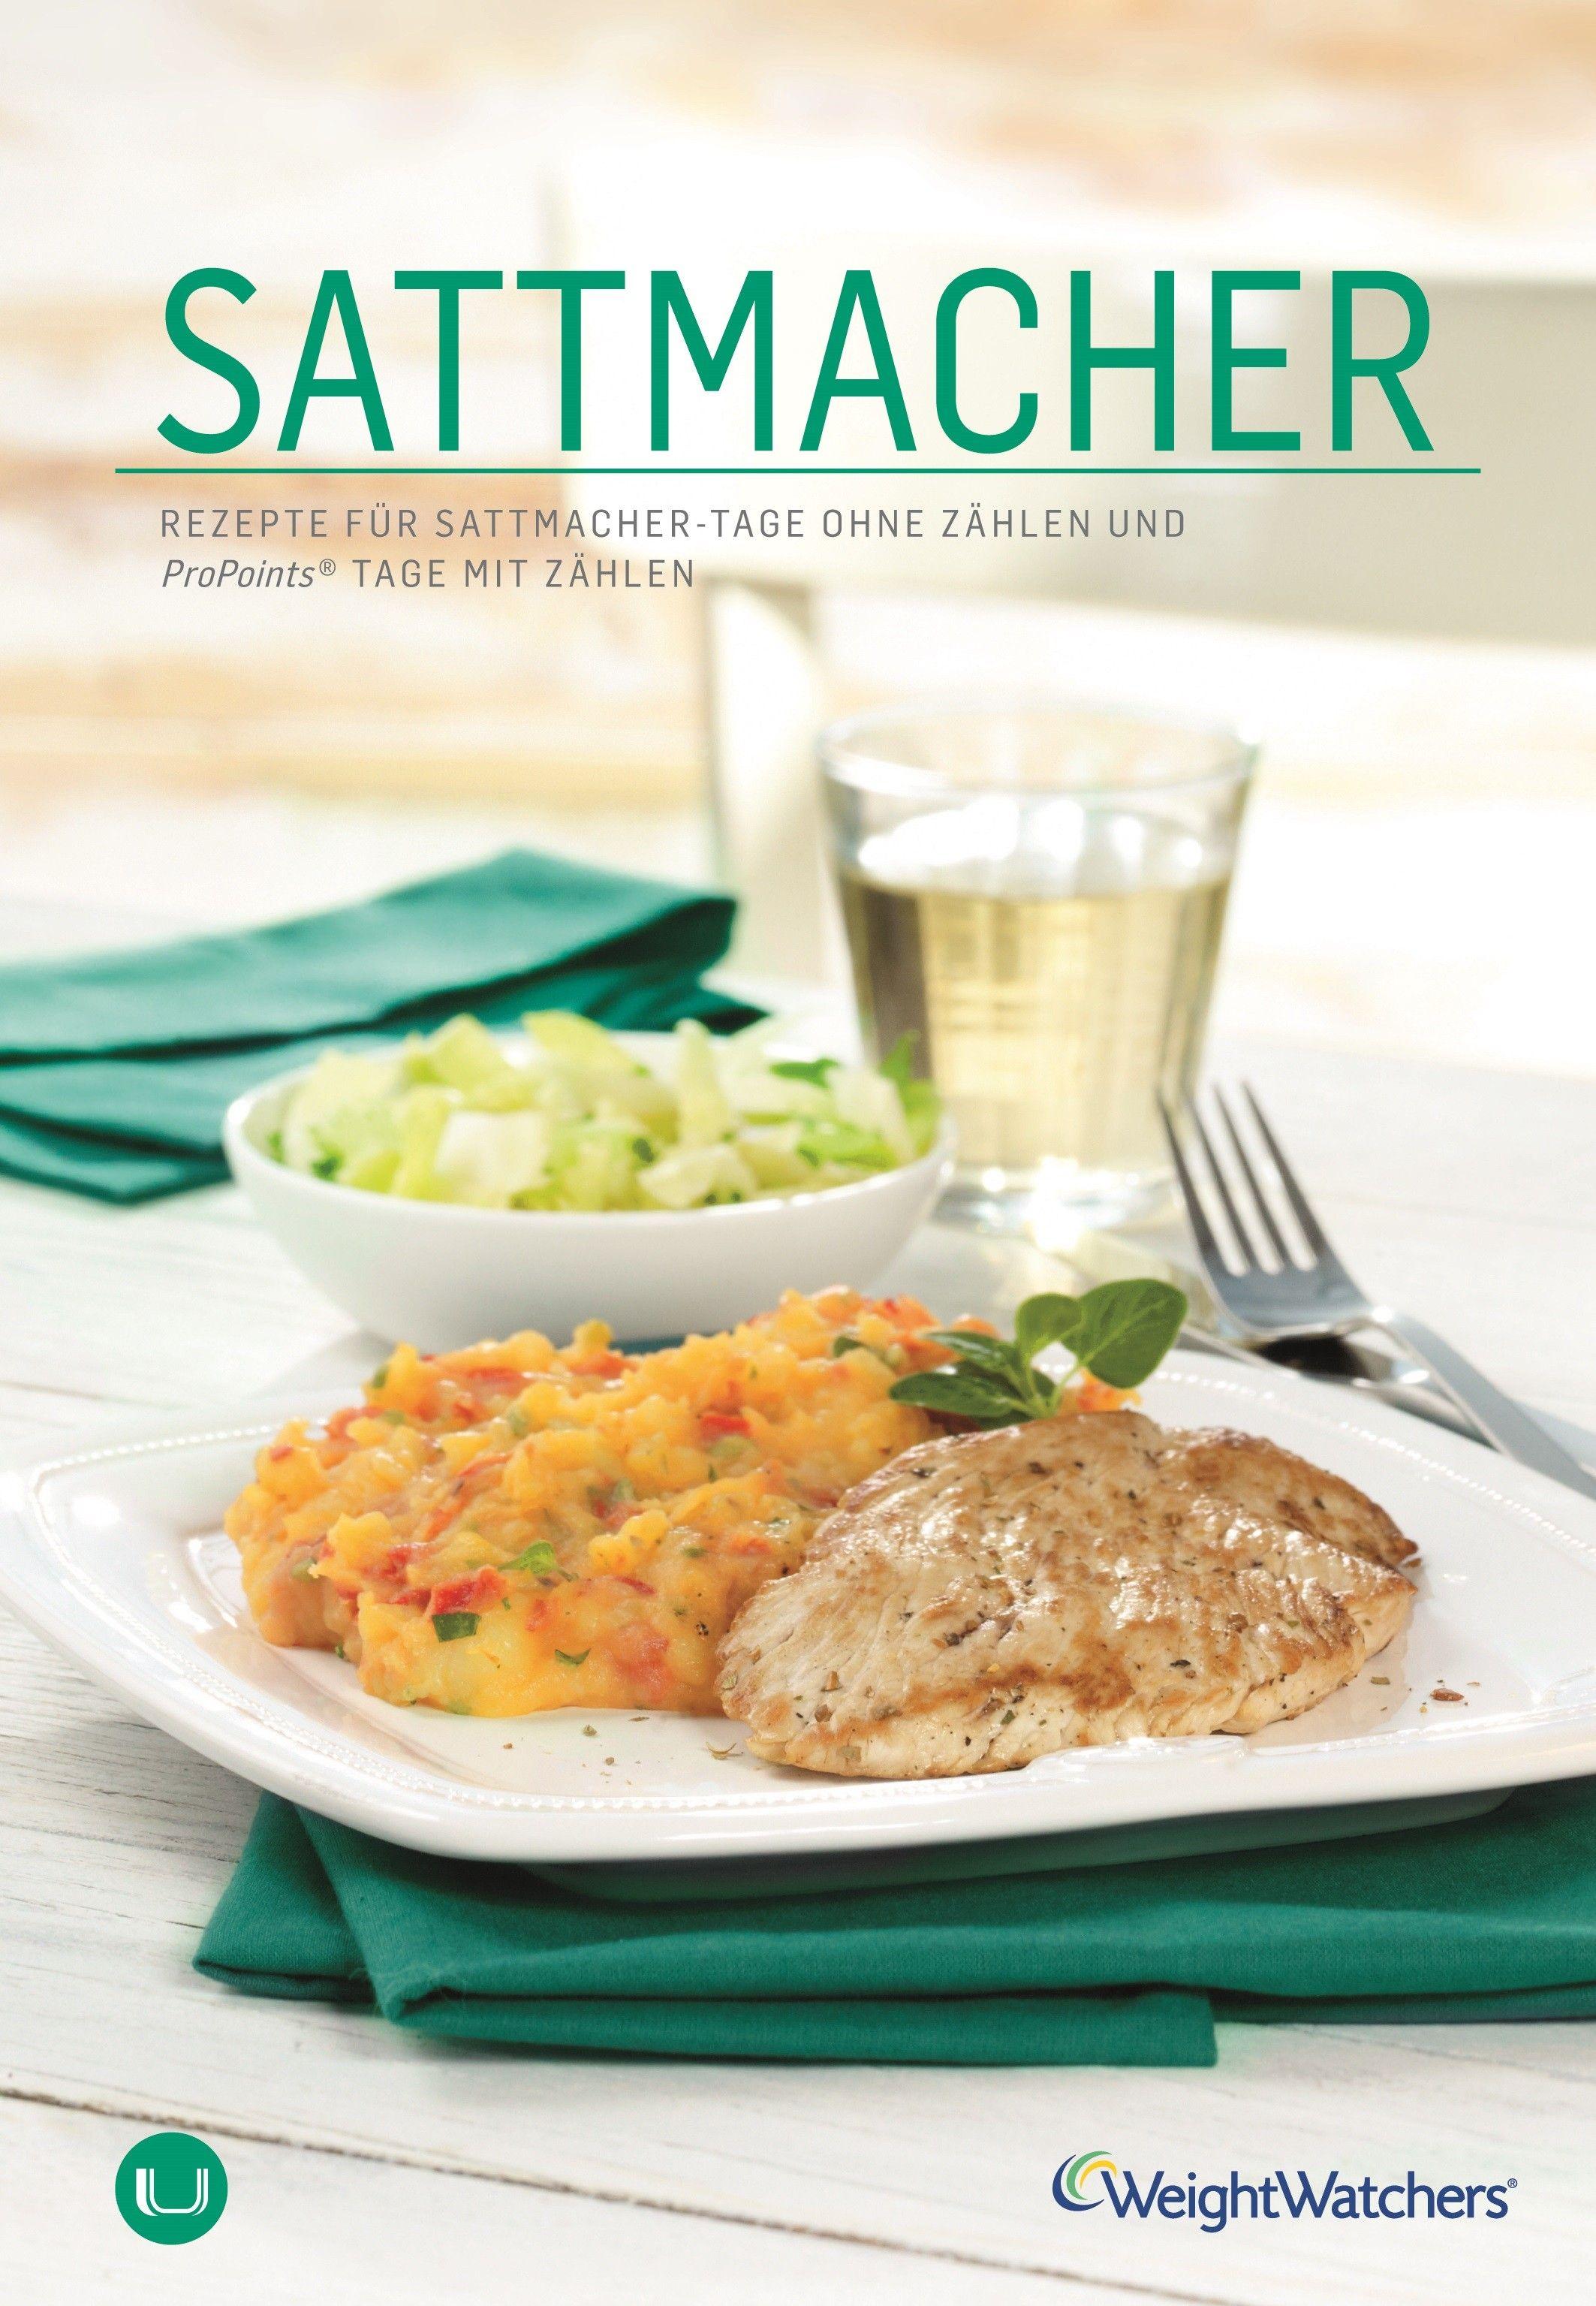 Kochbuch Schnelle Kuche Weight Watchers One Pot Kochbuch